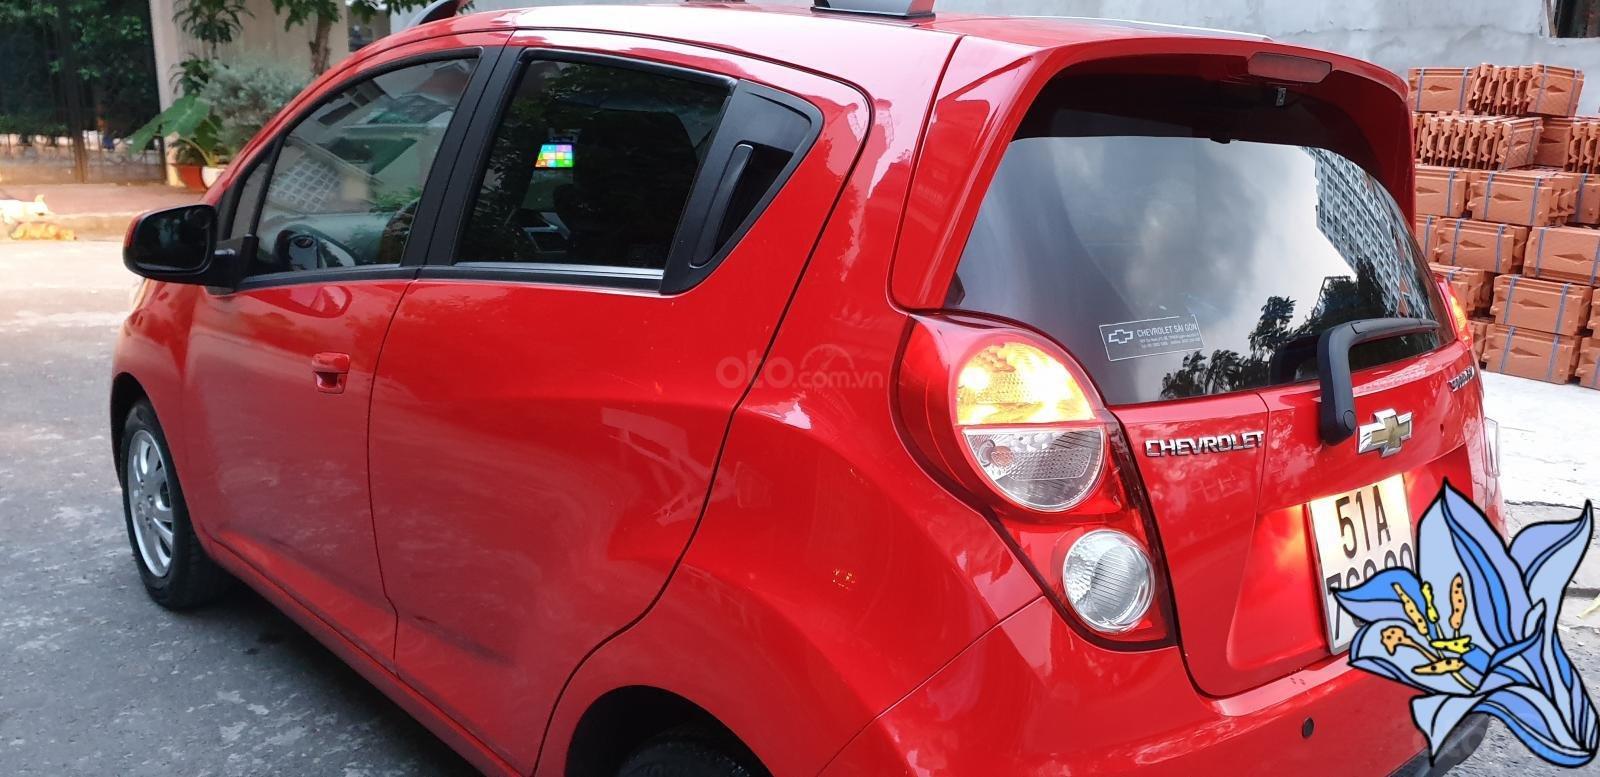 Bán Chevrolet Spark LTZ , số tự động đời T2/2014 sx 2013 màu đỏ đẹp mới 90% (8)